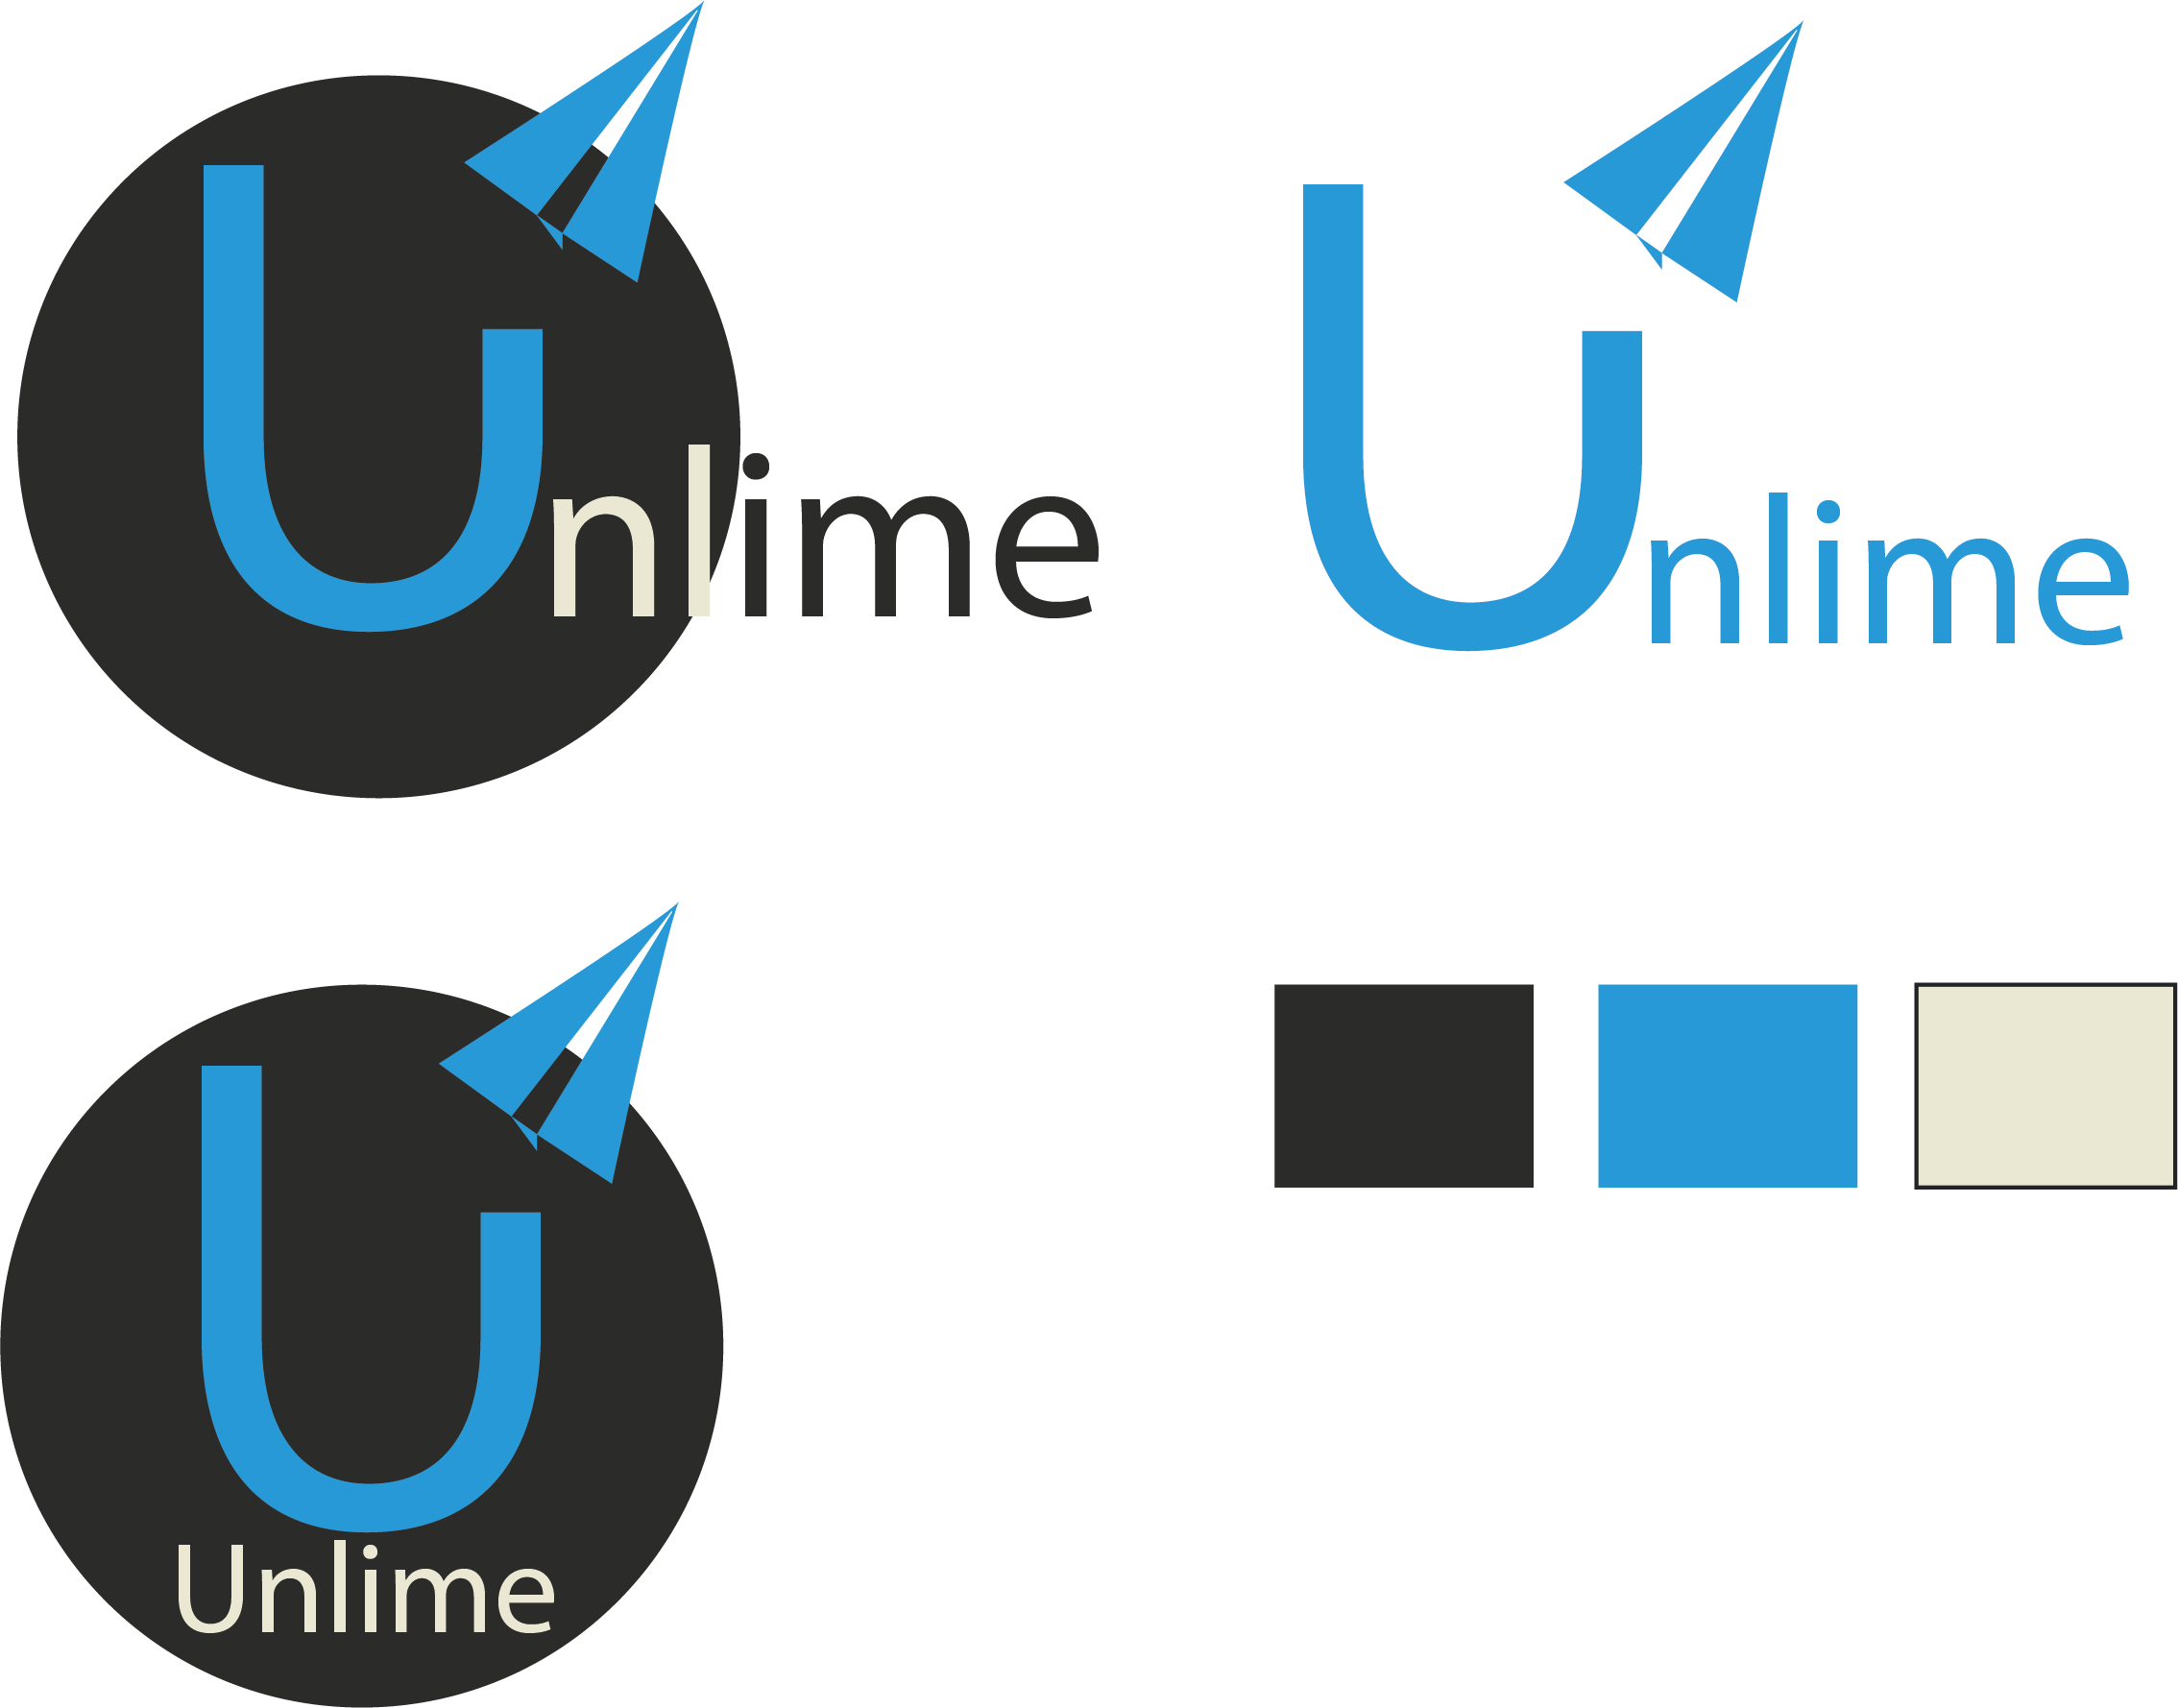 Разработка логотипа и фирменного стиля фото f_92959463abdaa9bd.png